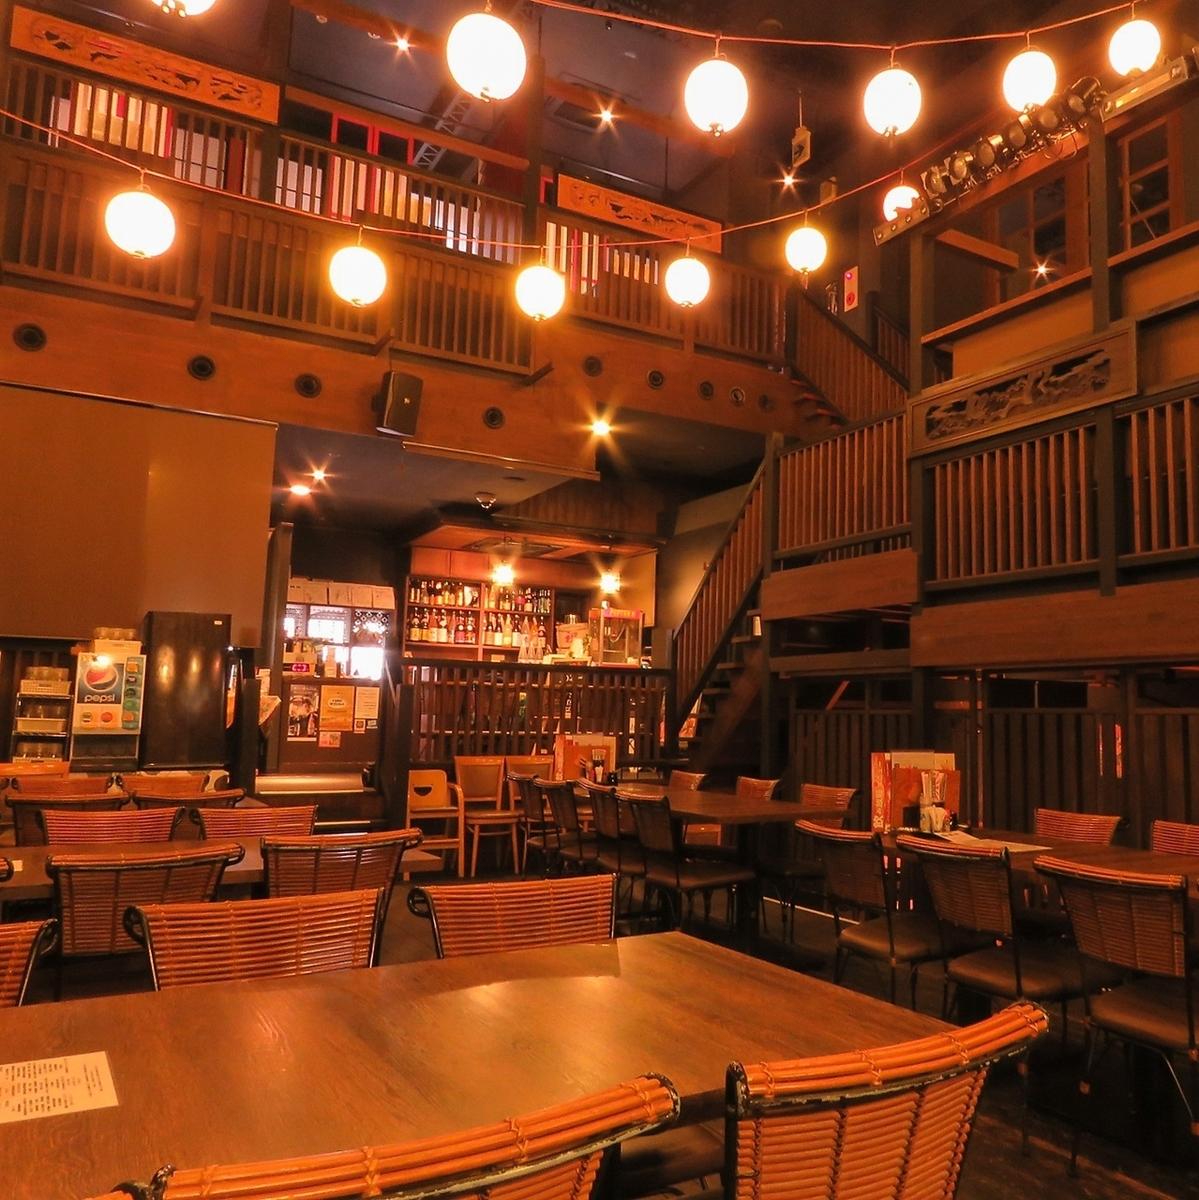 【空間彷彿是一個劇院......】柱廊1層和2層最多可容納150人的私人包租。所有參與者都可以在二樓的一樓享受活動和娛樂。推薦用於螞蟻宣布的大量人群和爆發!建議盡快查詢1/2樓座位★